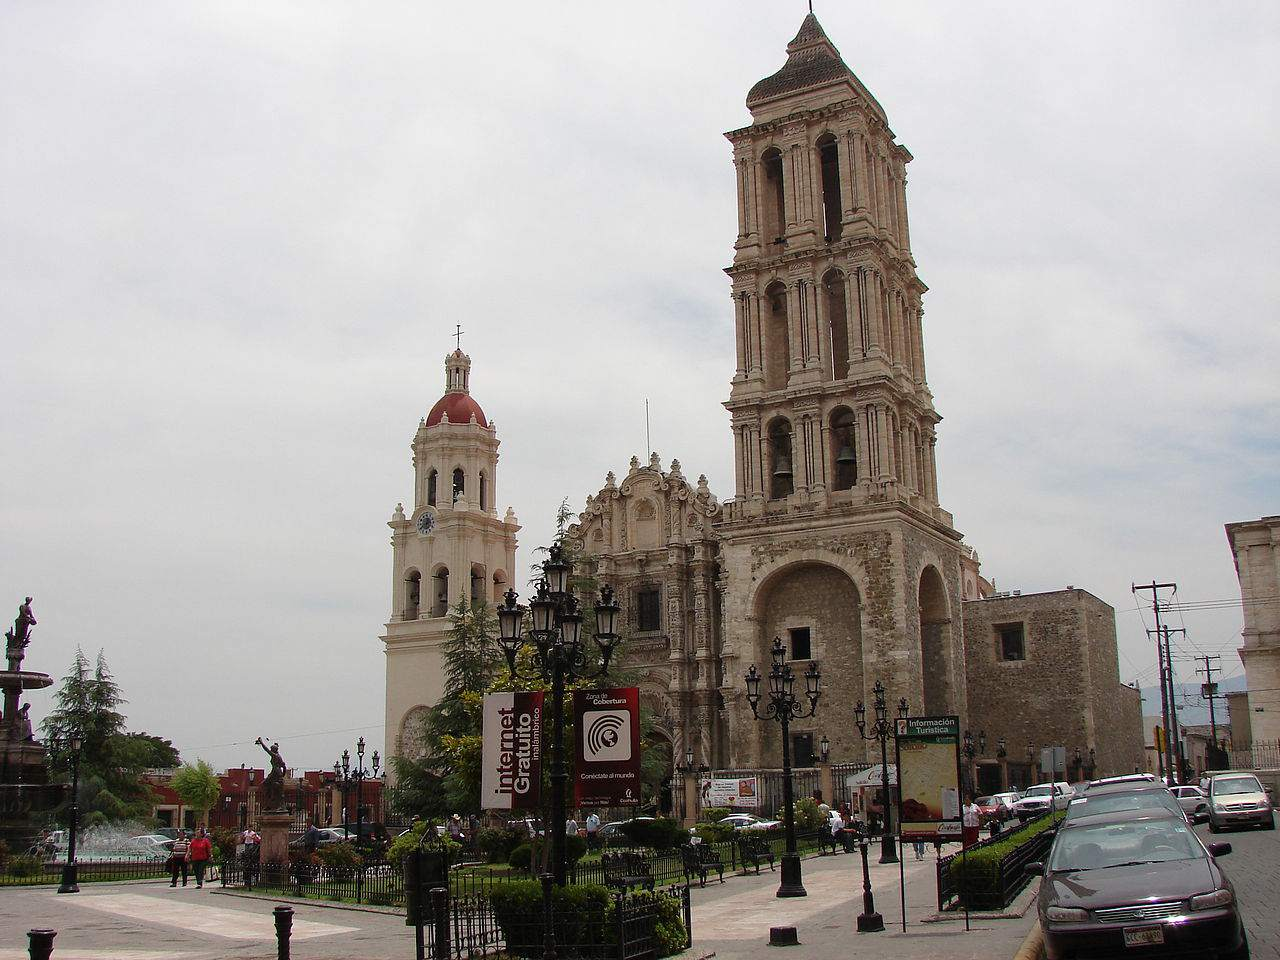 The Cathedral de Saltilla in Coahuila in Mexico